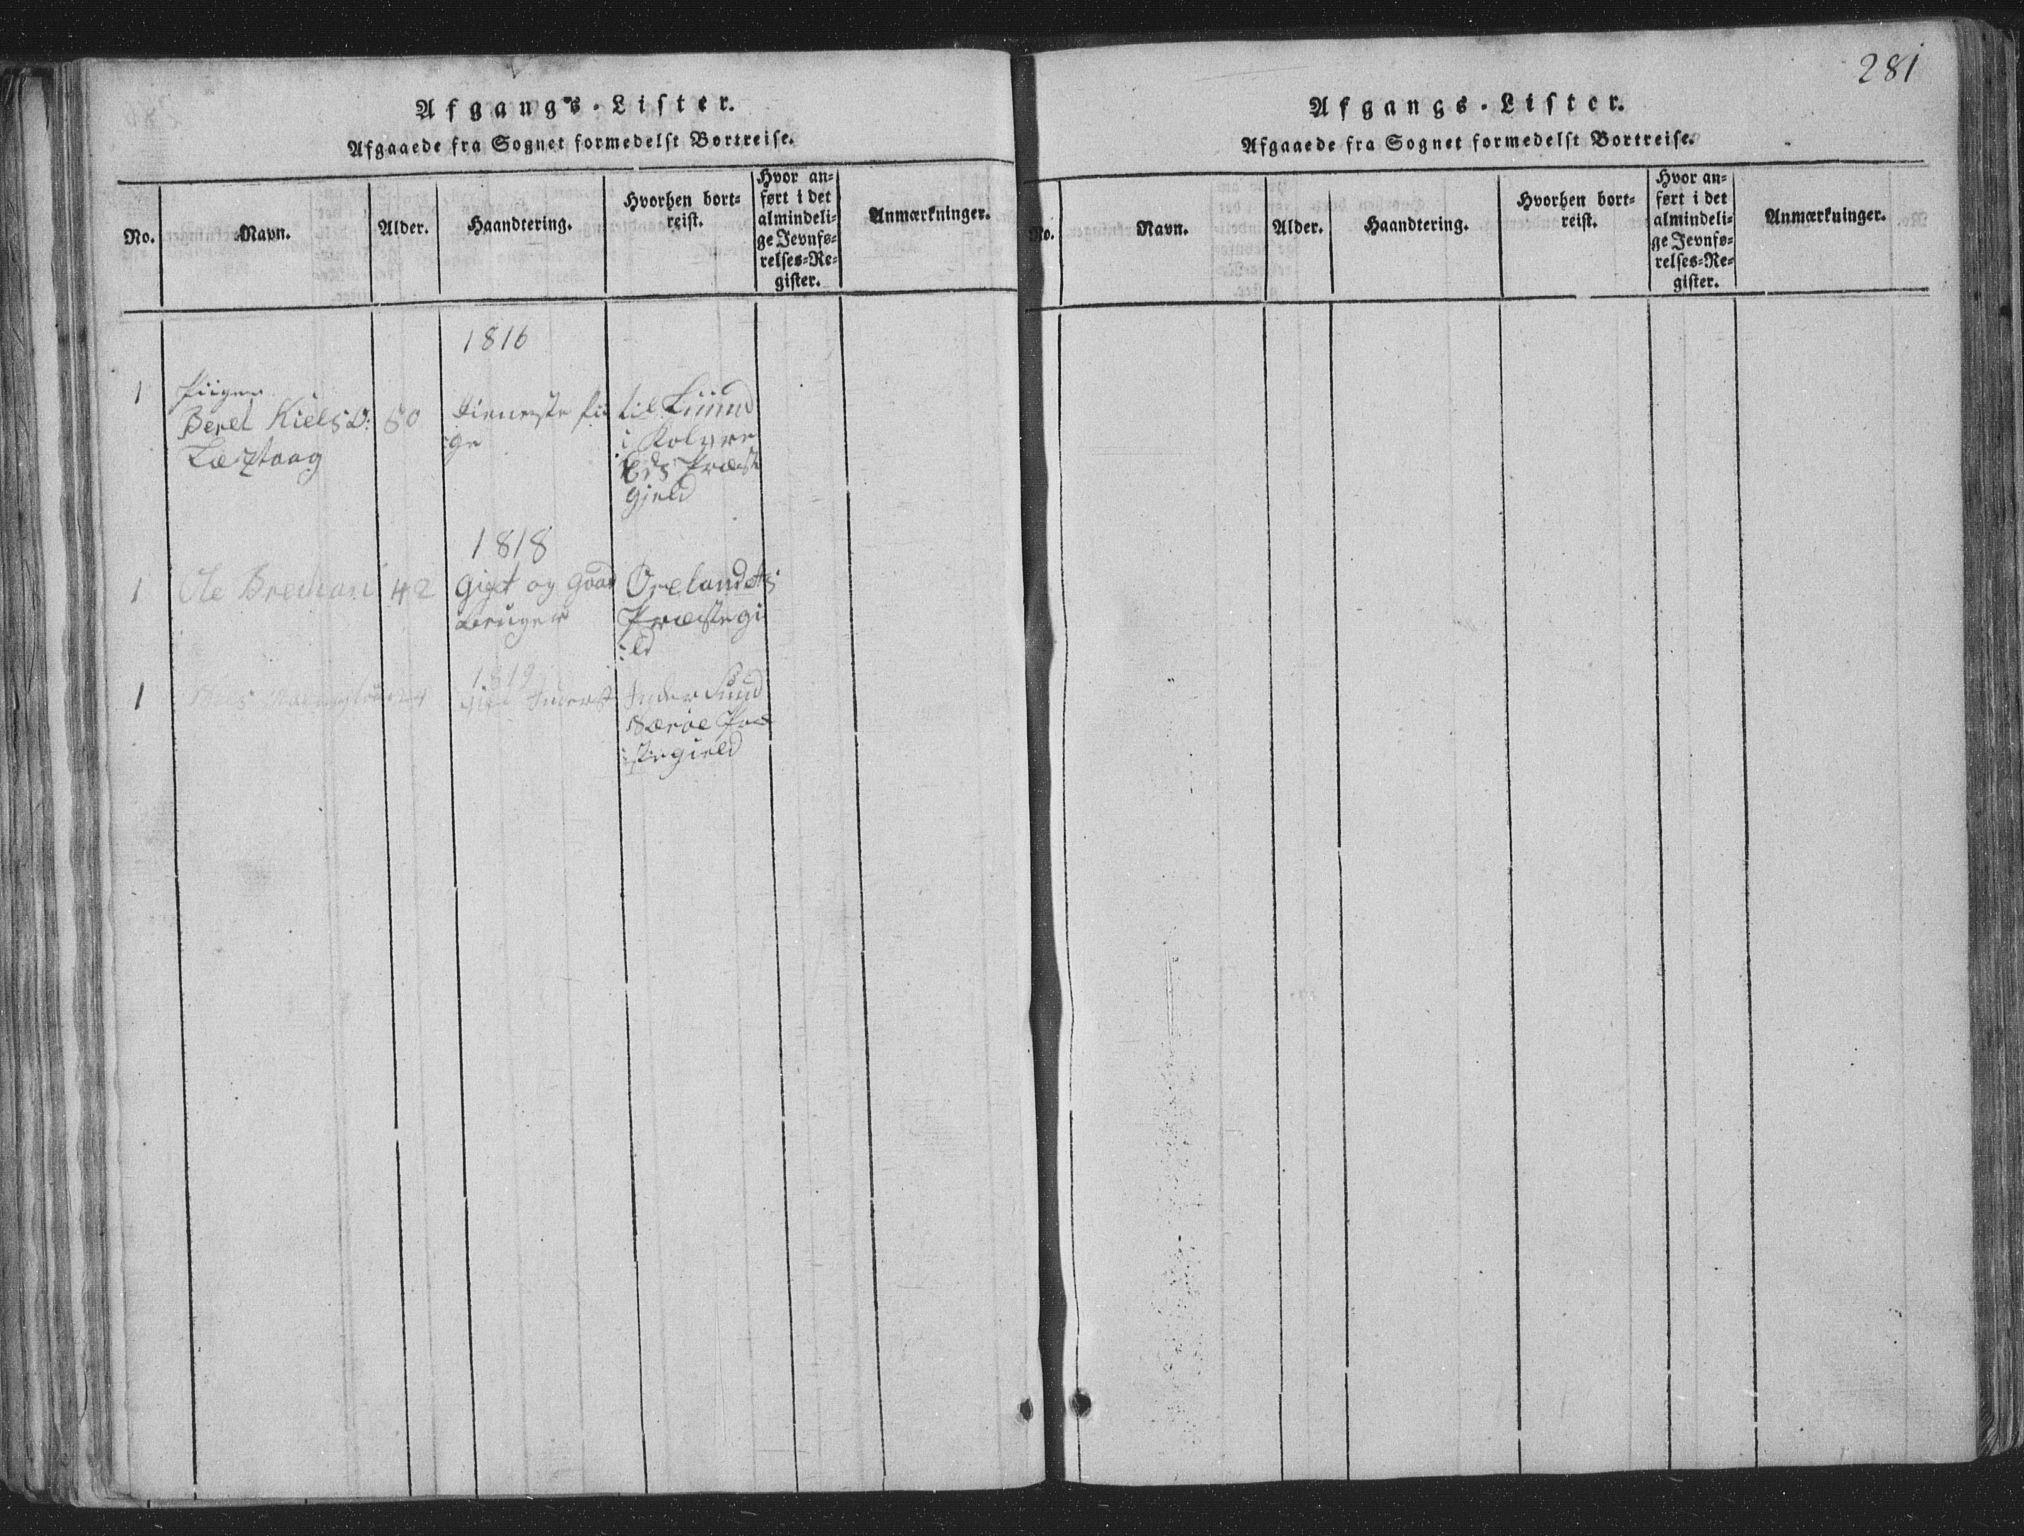 SAT, Ministerialprotokoller, klokkerbøker og fødselsregistre - Nord-Trøndelag, 773/L0613: Ministerialbok nr. 773A04, 1815-1845, s. 281